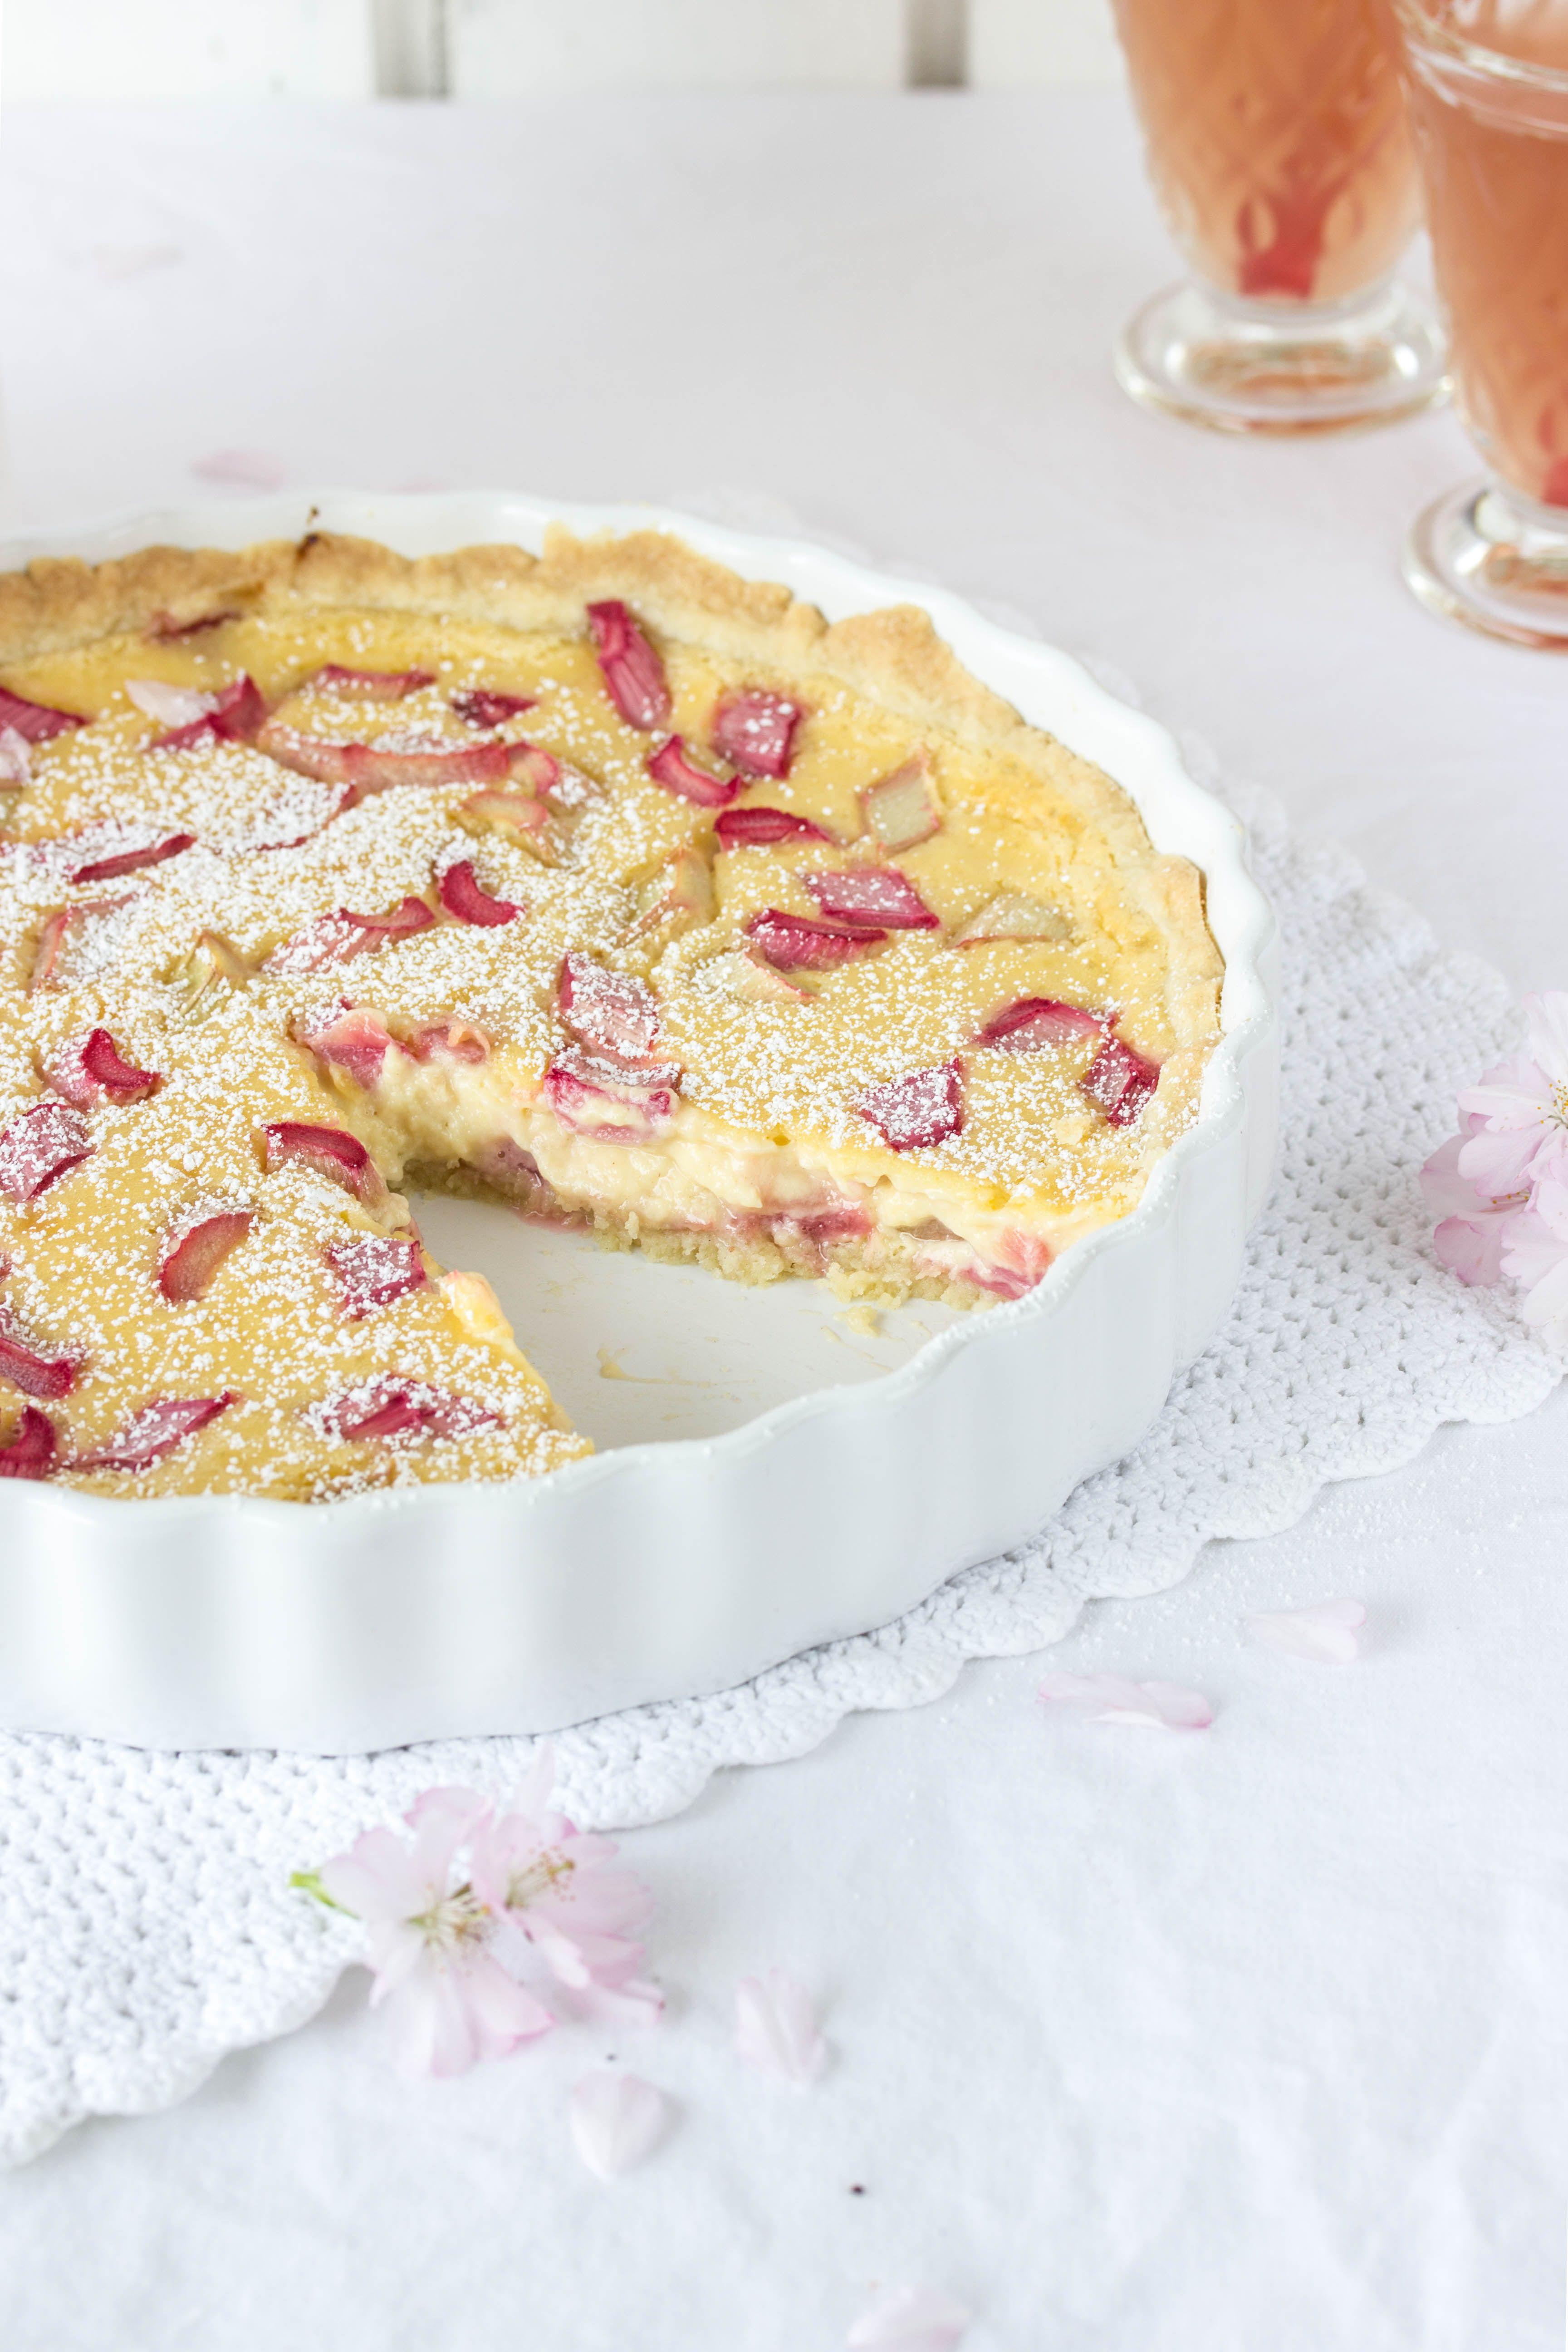 kuchen mit rhabarber und pudding